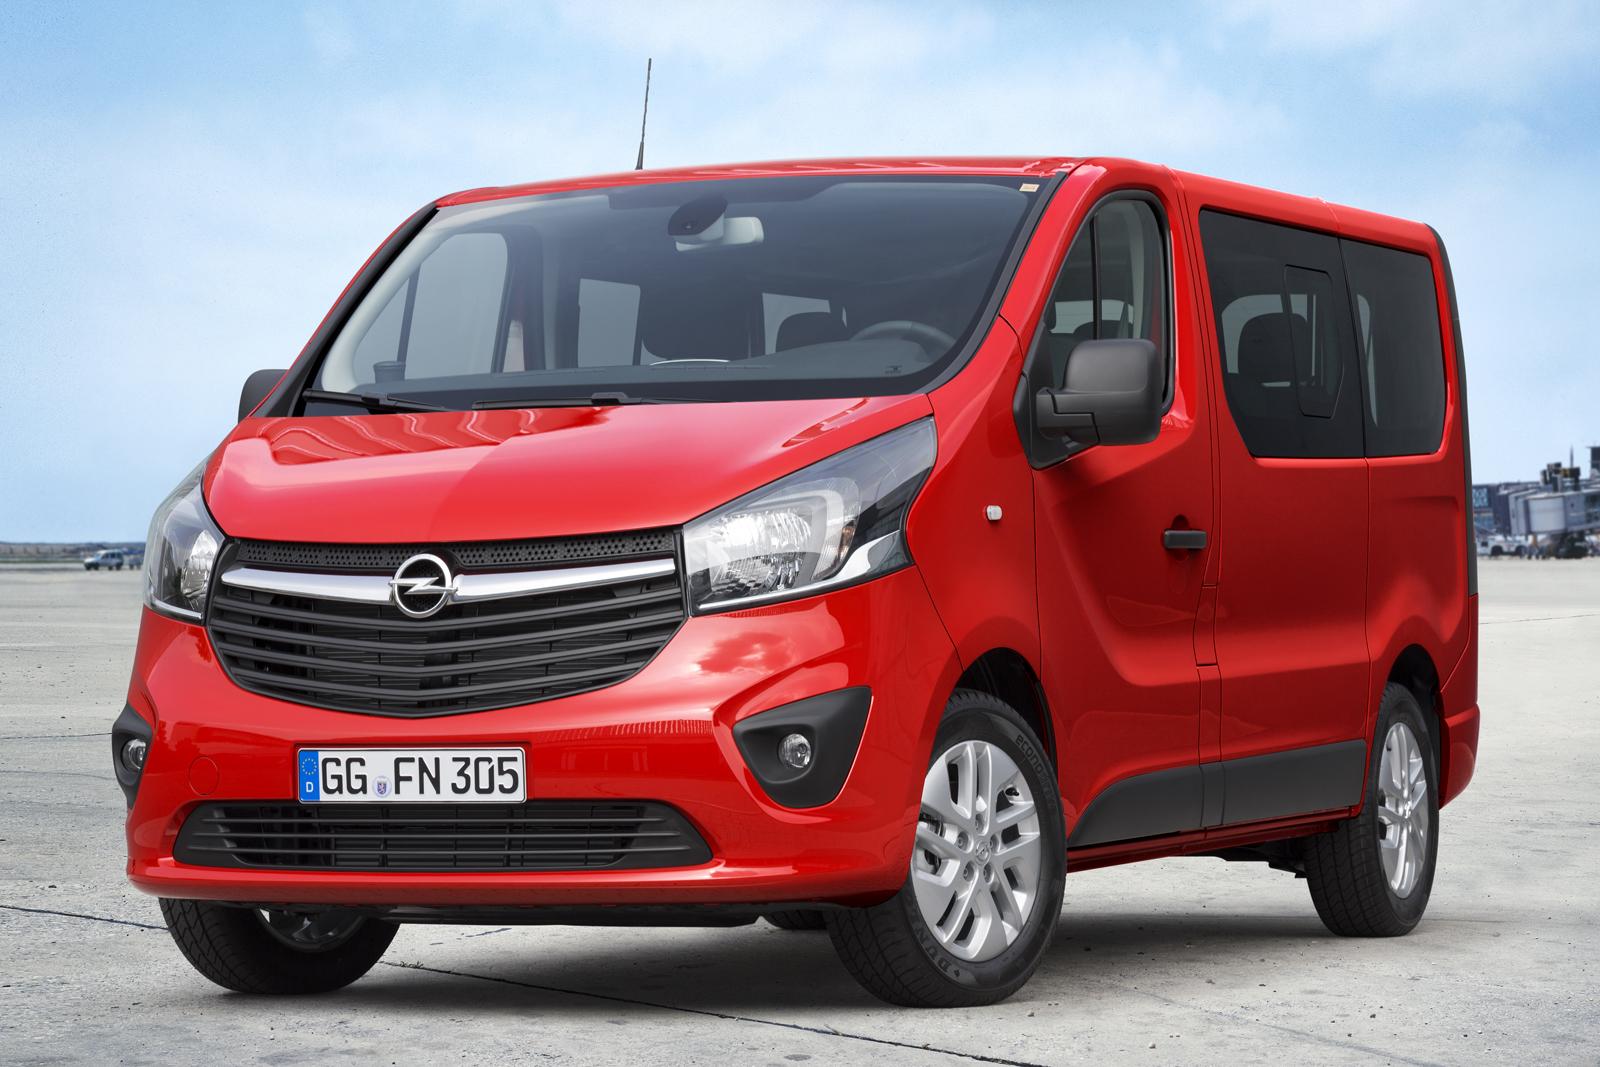 2014 [Renault/Opel/Fiat/Nissan] Trafic/Vivaro/Talento/NV300 - Page 10 Opel-Vivaro-Combi-1